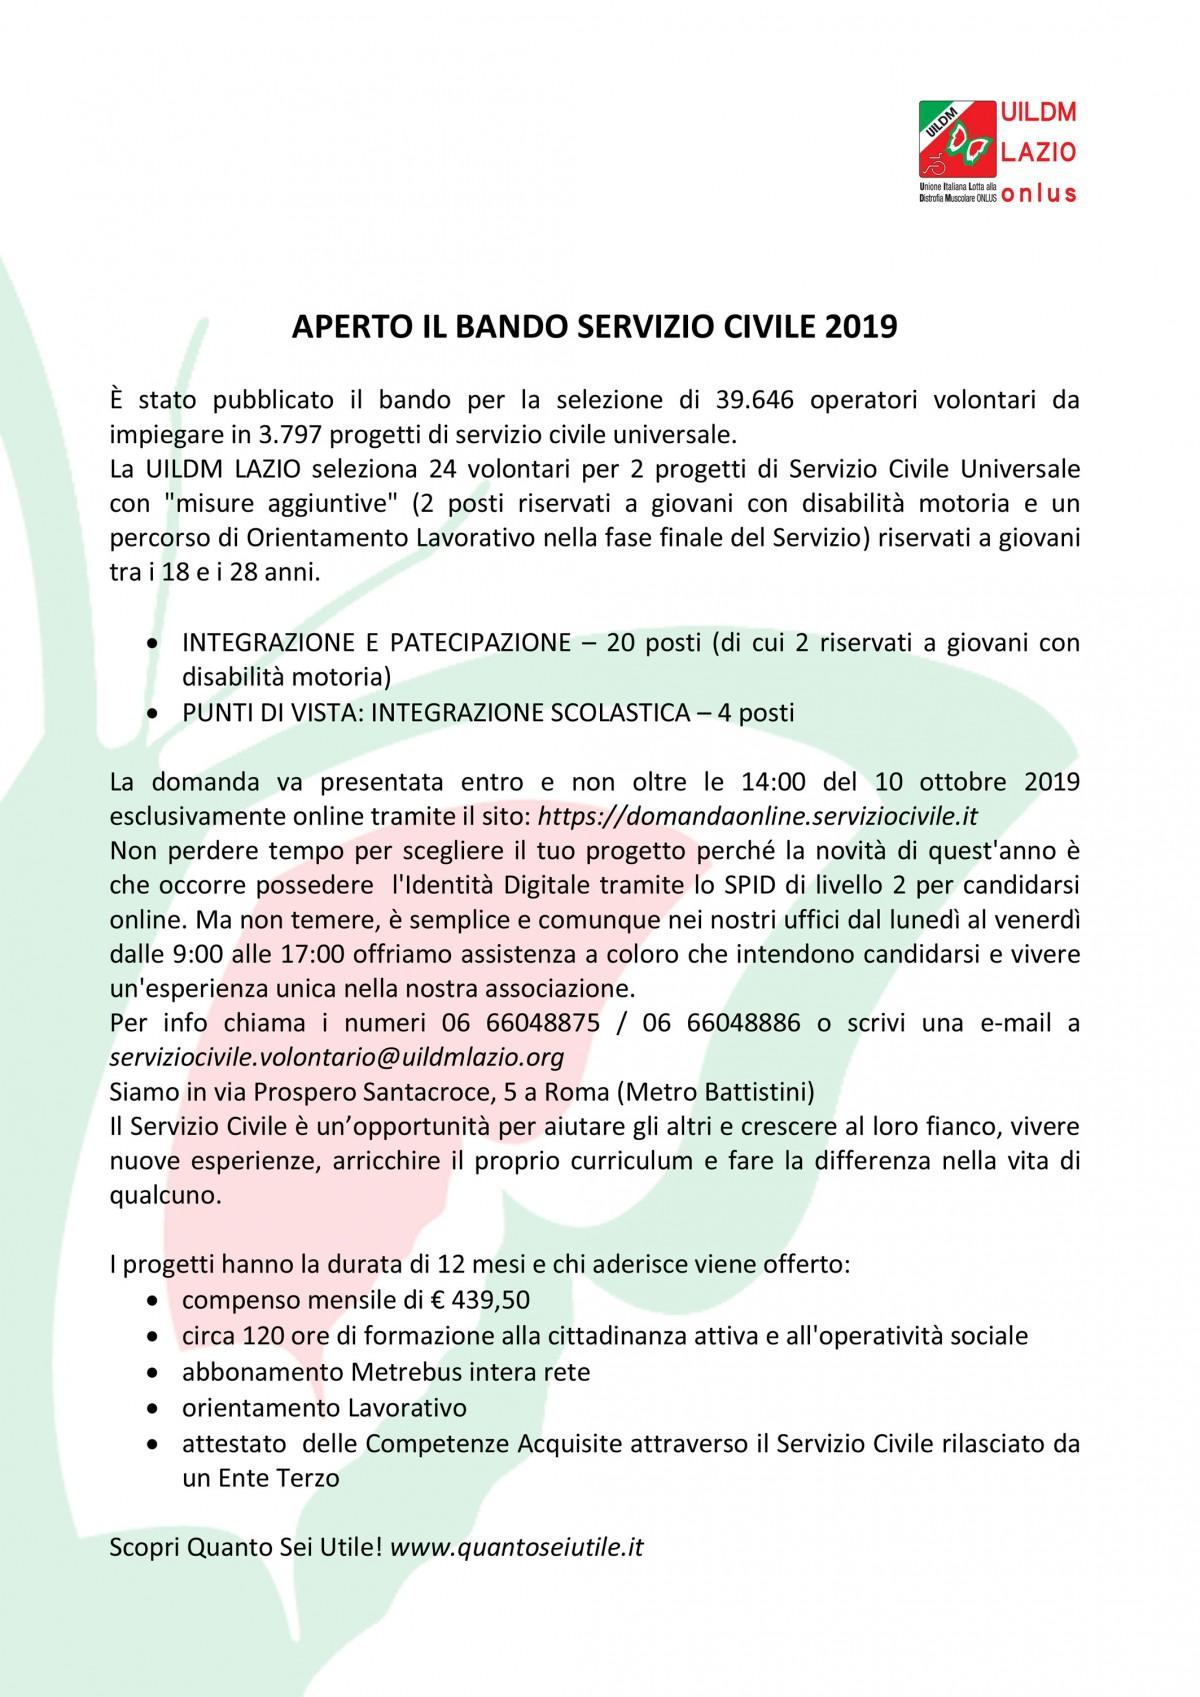 APERTO-IL-BANDO-SERVIZIO-CIVILE-2019